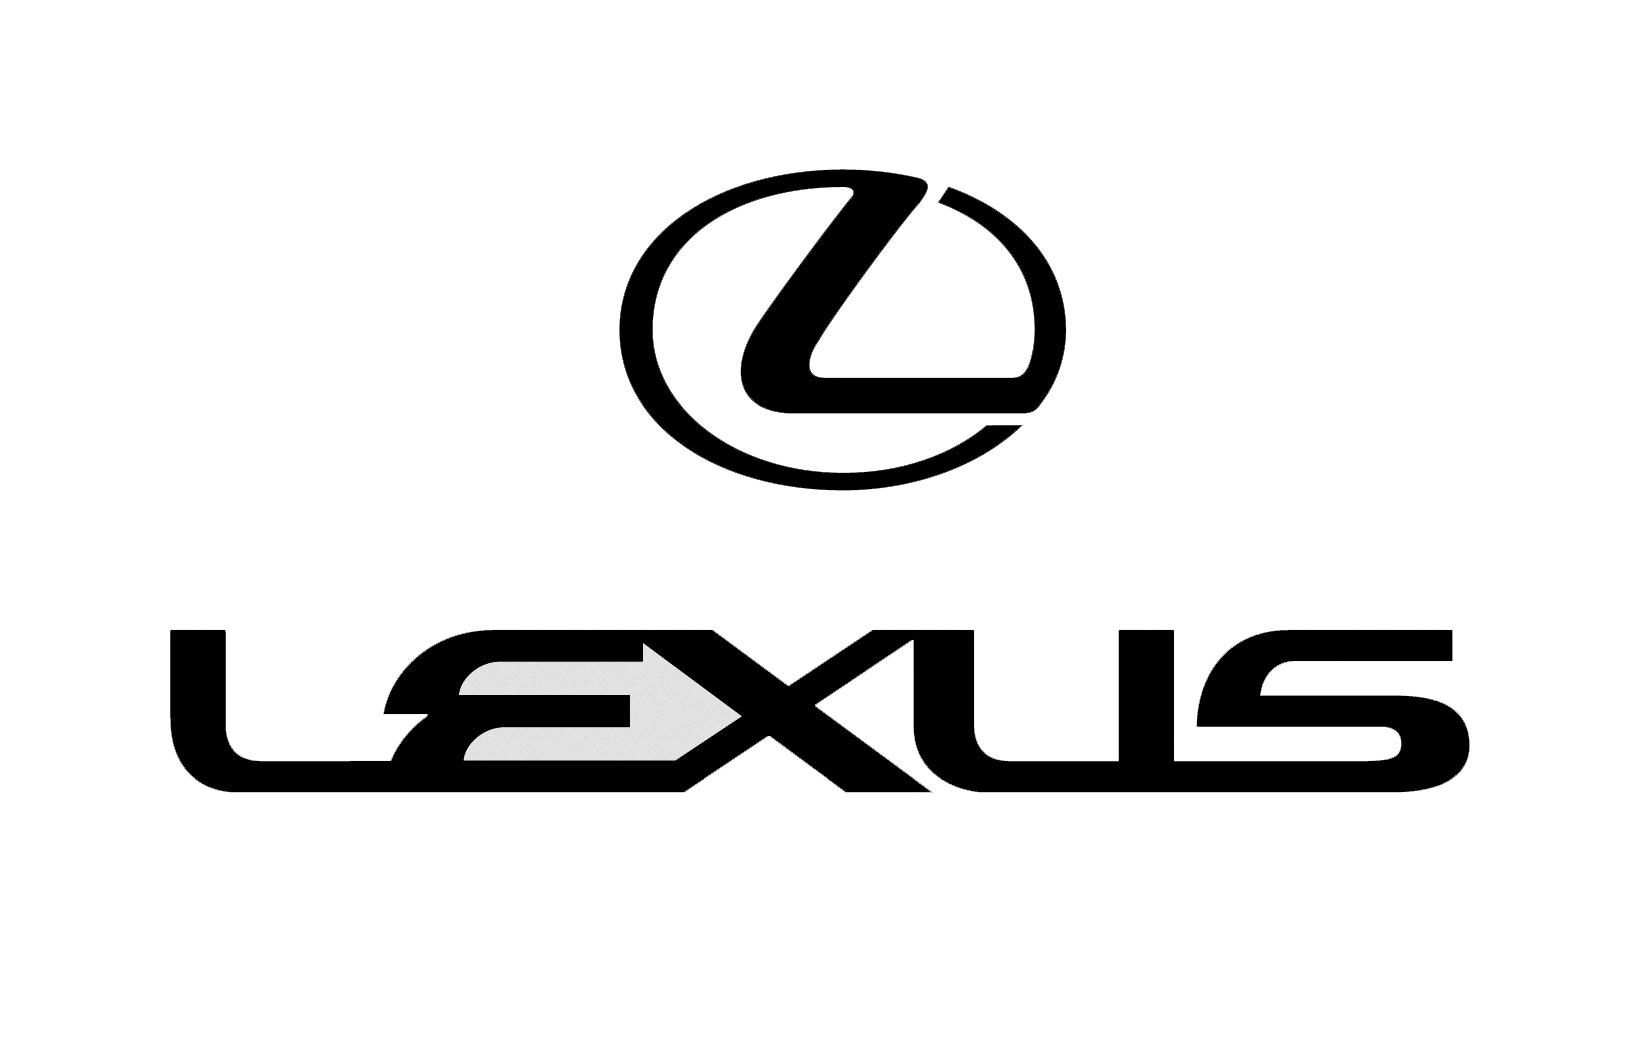 картинки логотип лексус проблема одна